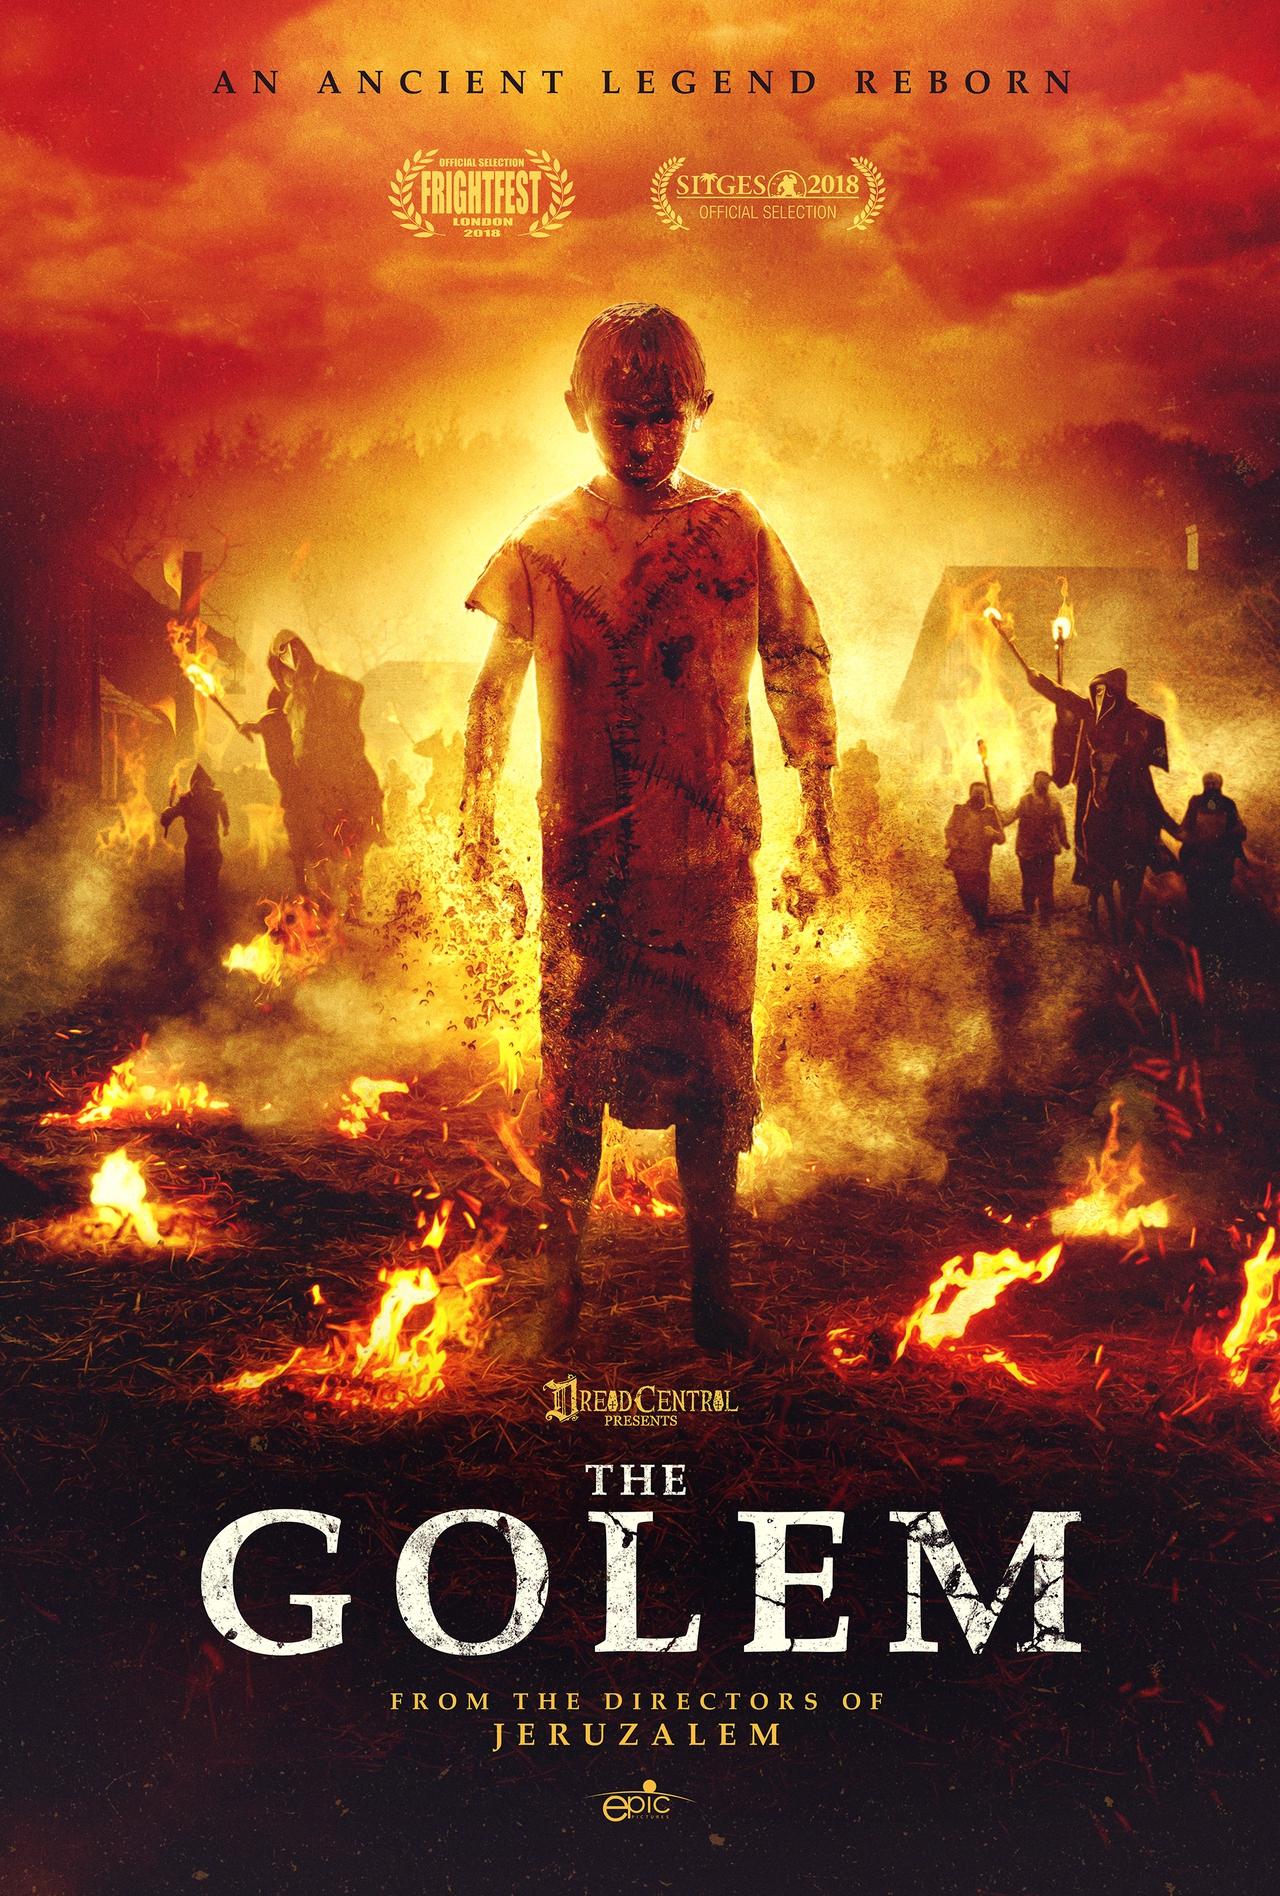 فیلم سینمایی The Golem به کارگردانی Doron Paz و Yoav Paz